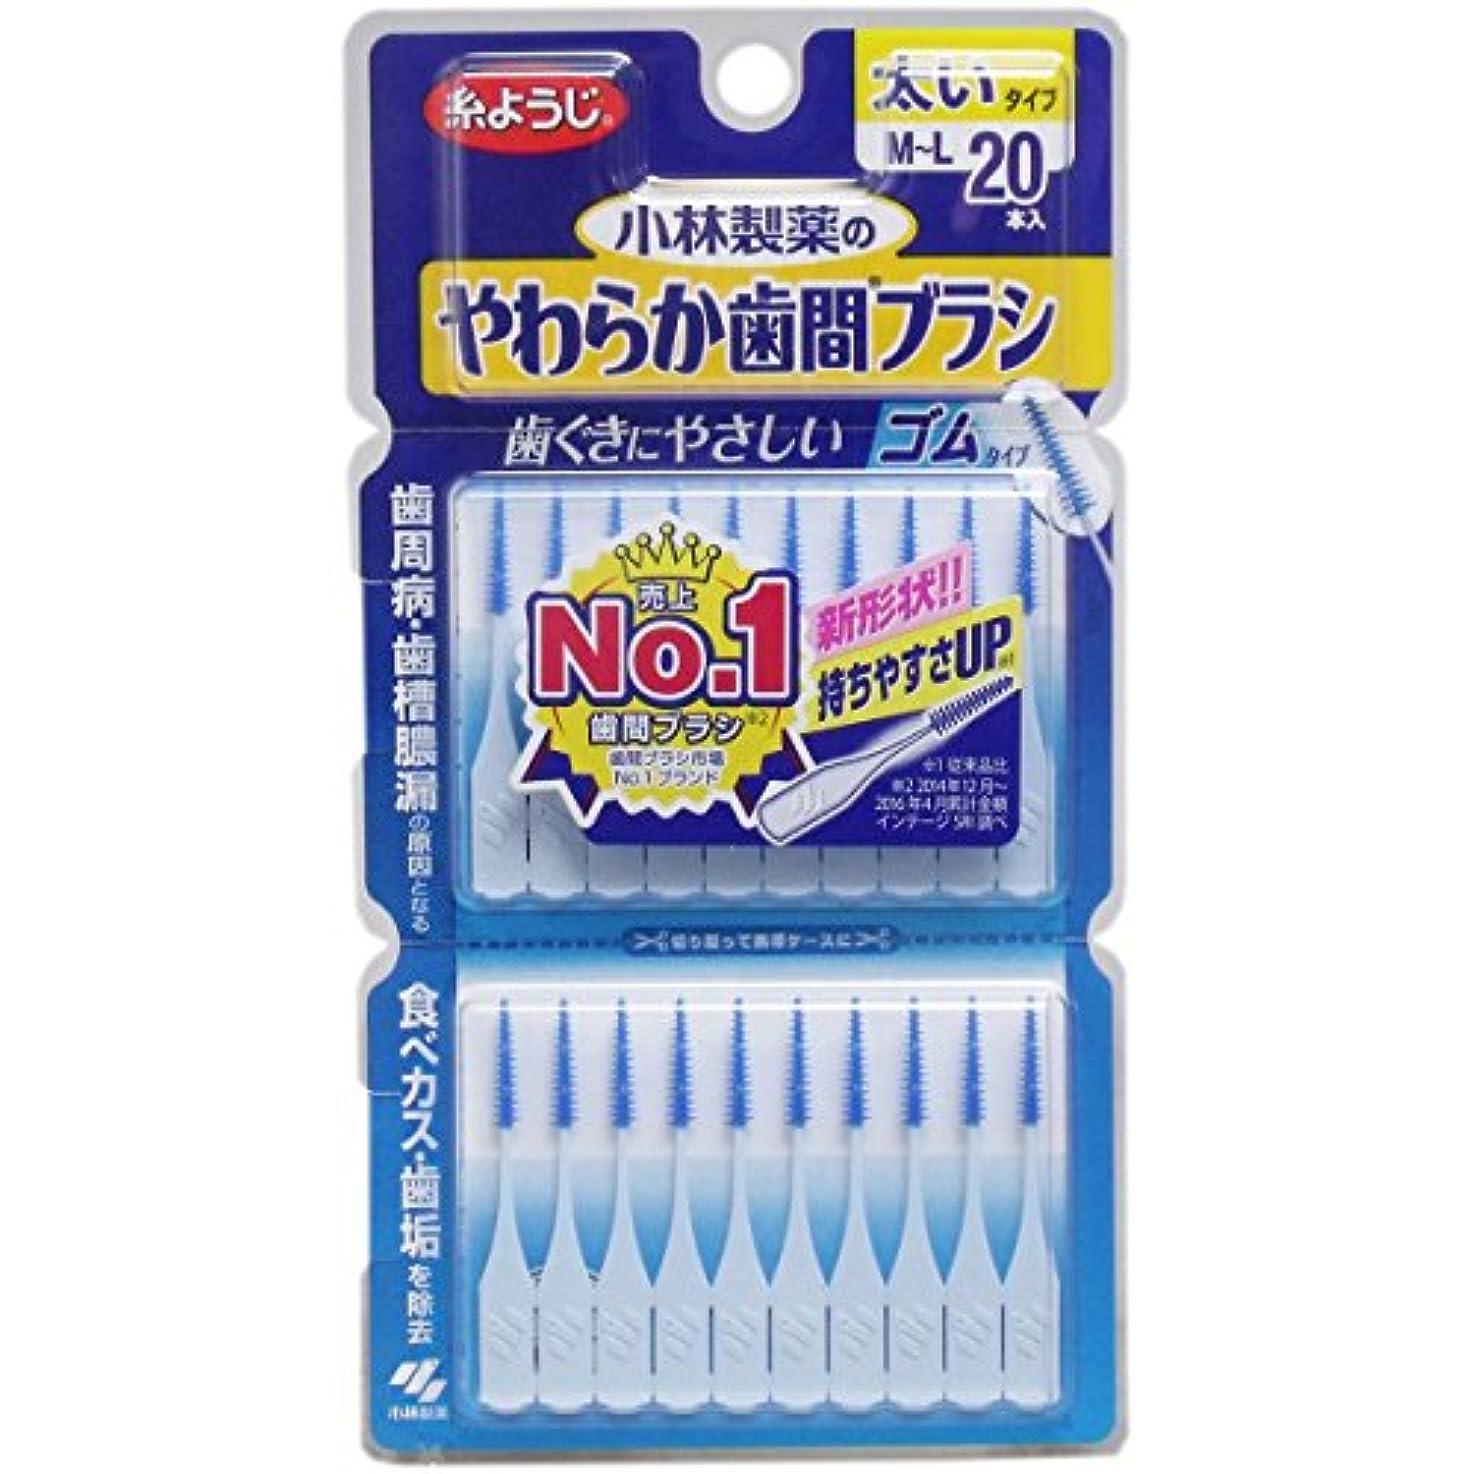 尾統治可能対抗やわらか歯間ブラシM-Lサイズ20本×10